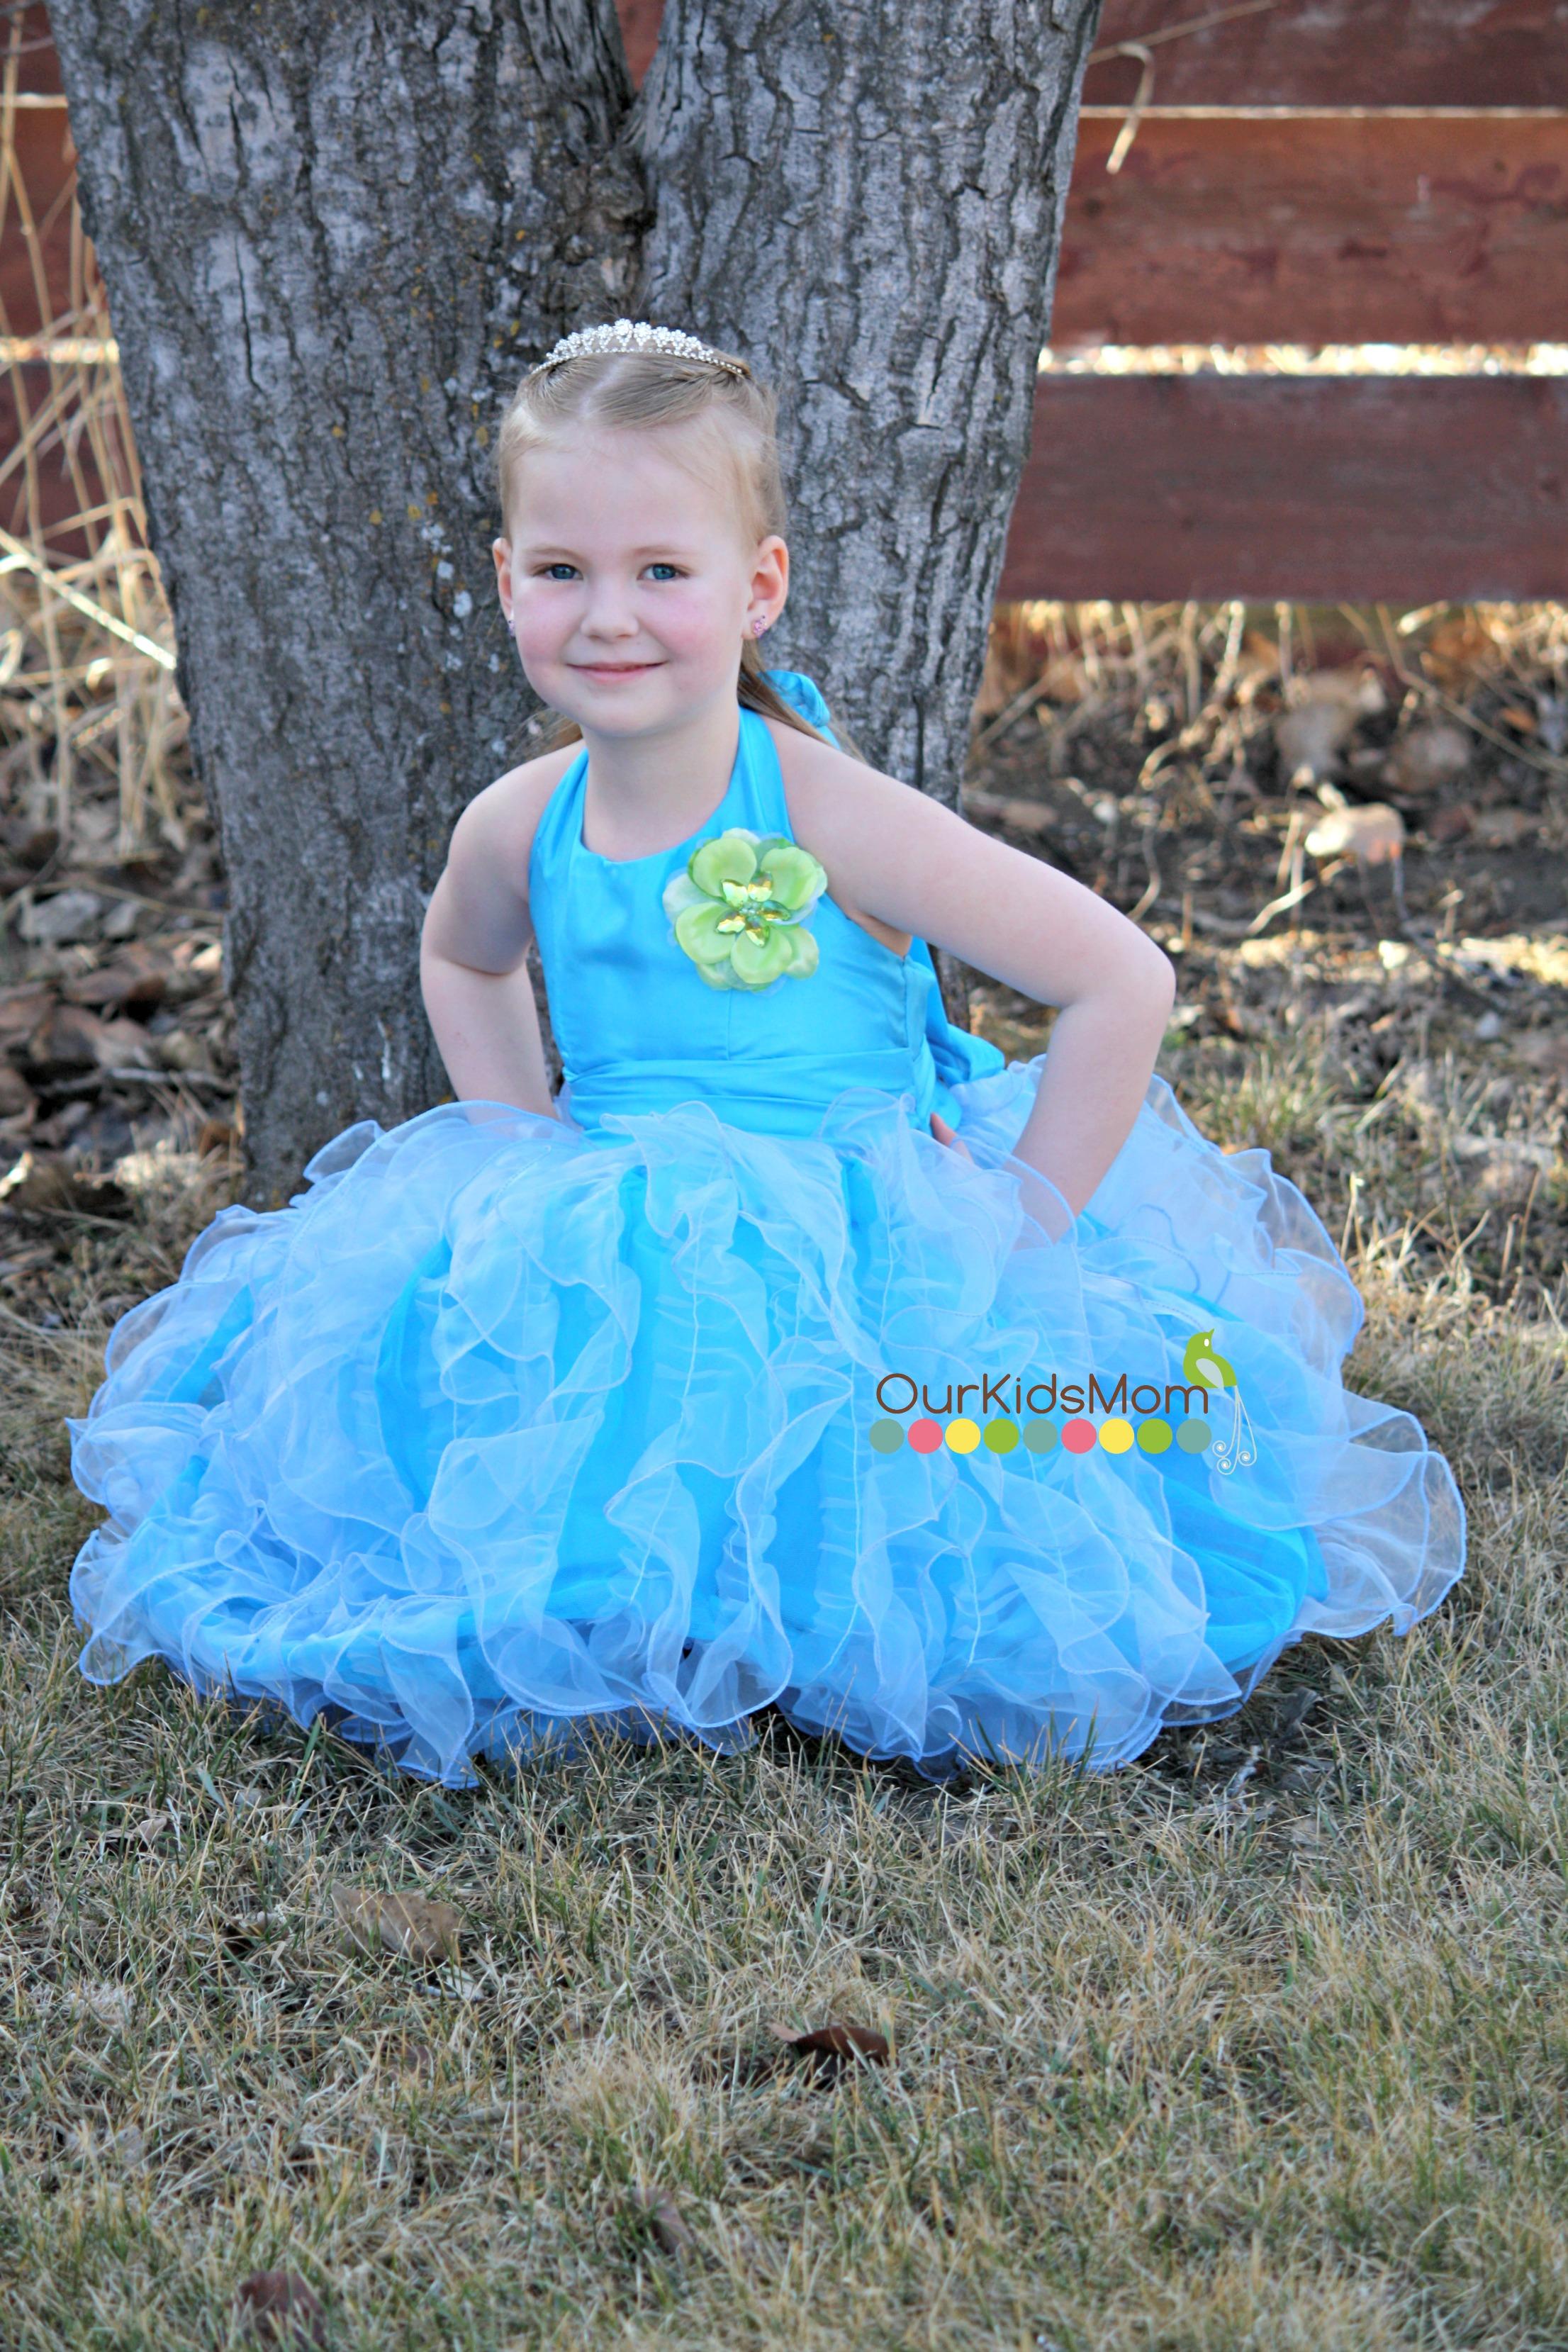 Loves her dress